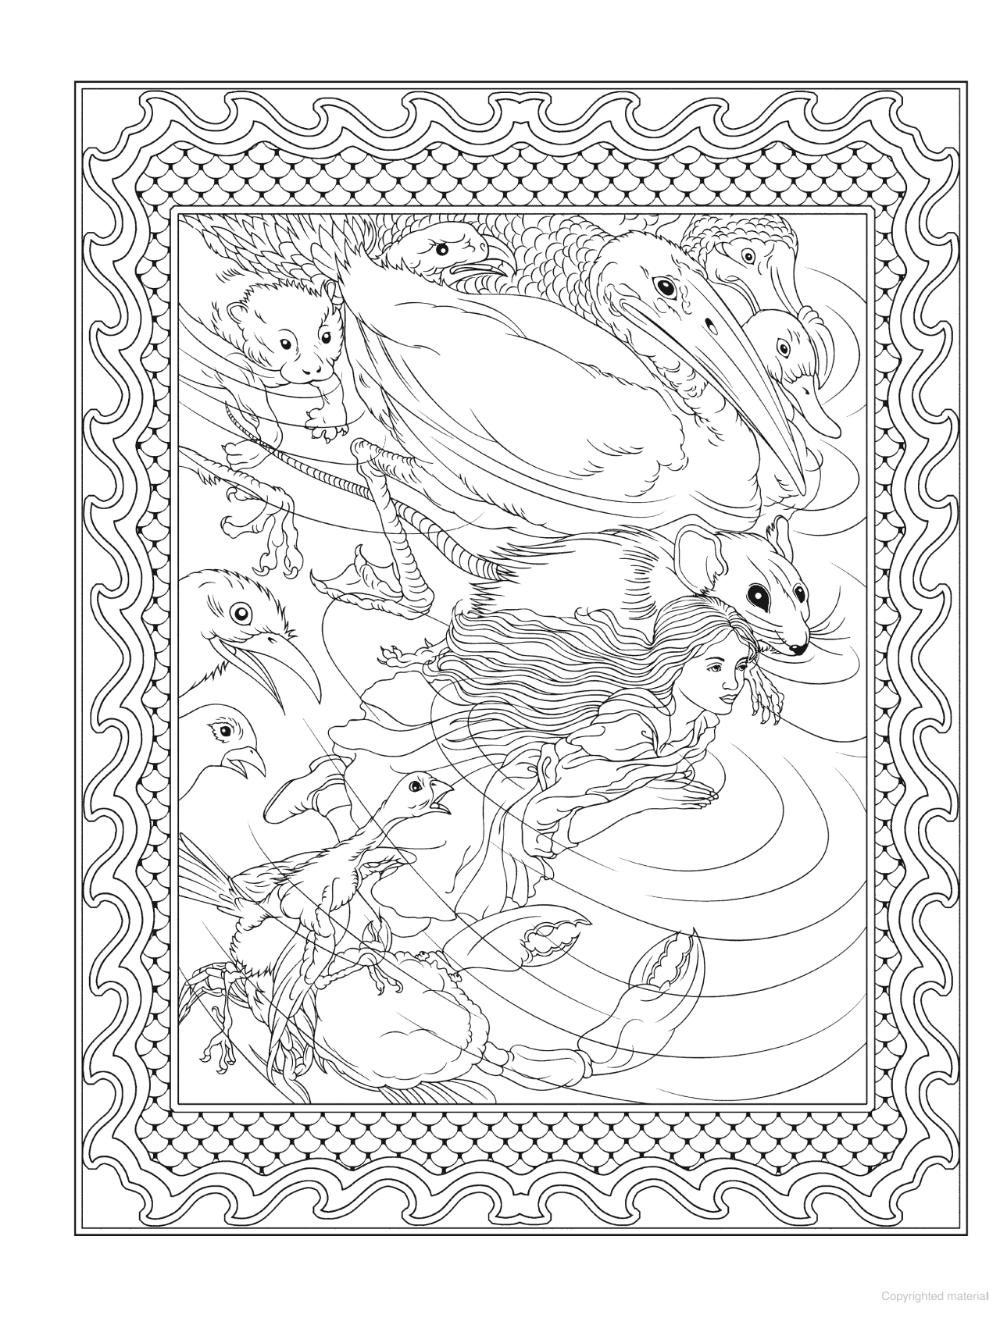 Creative Haven Alice In Wonderland Designs Coloring Book Designs Coloring Books Coloring Books Alice In Wonderland